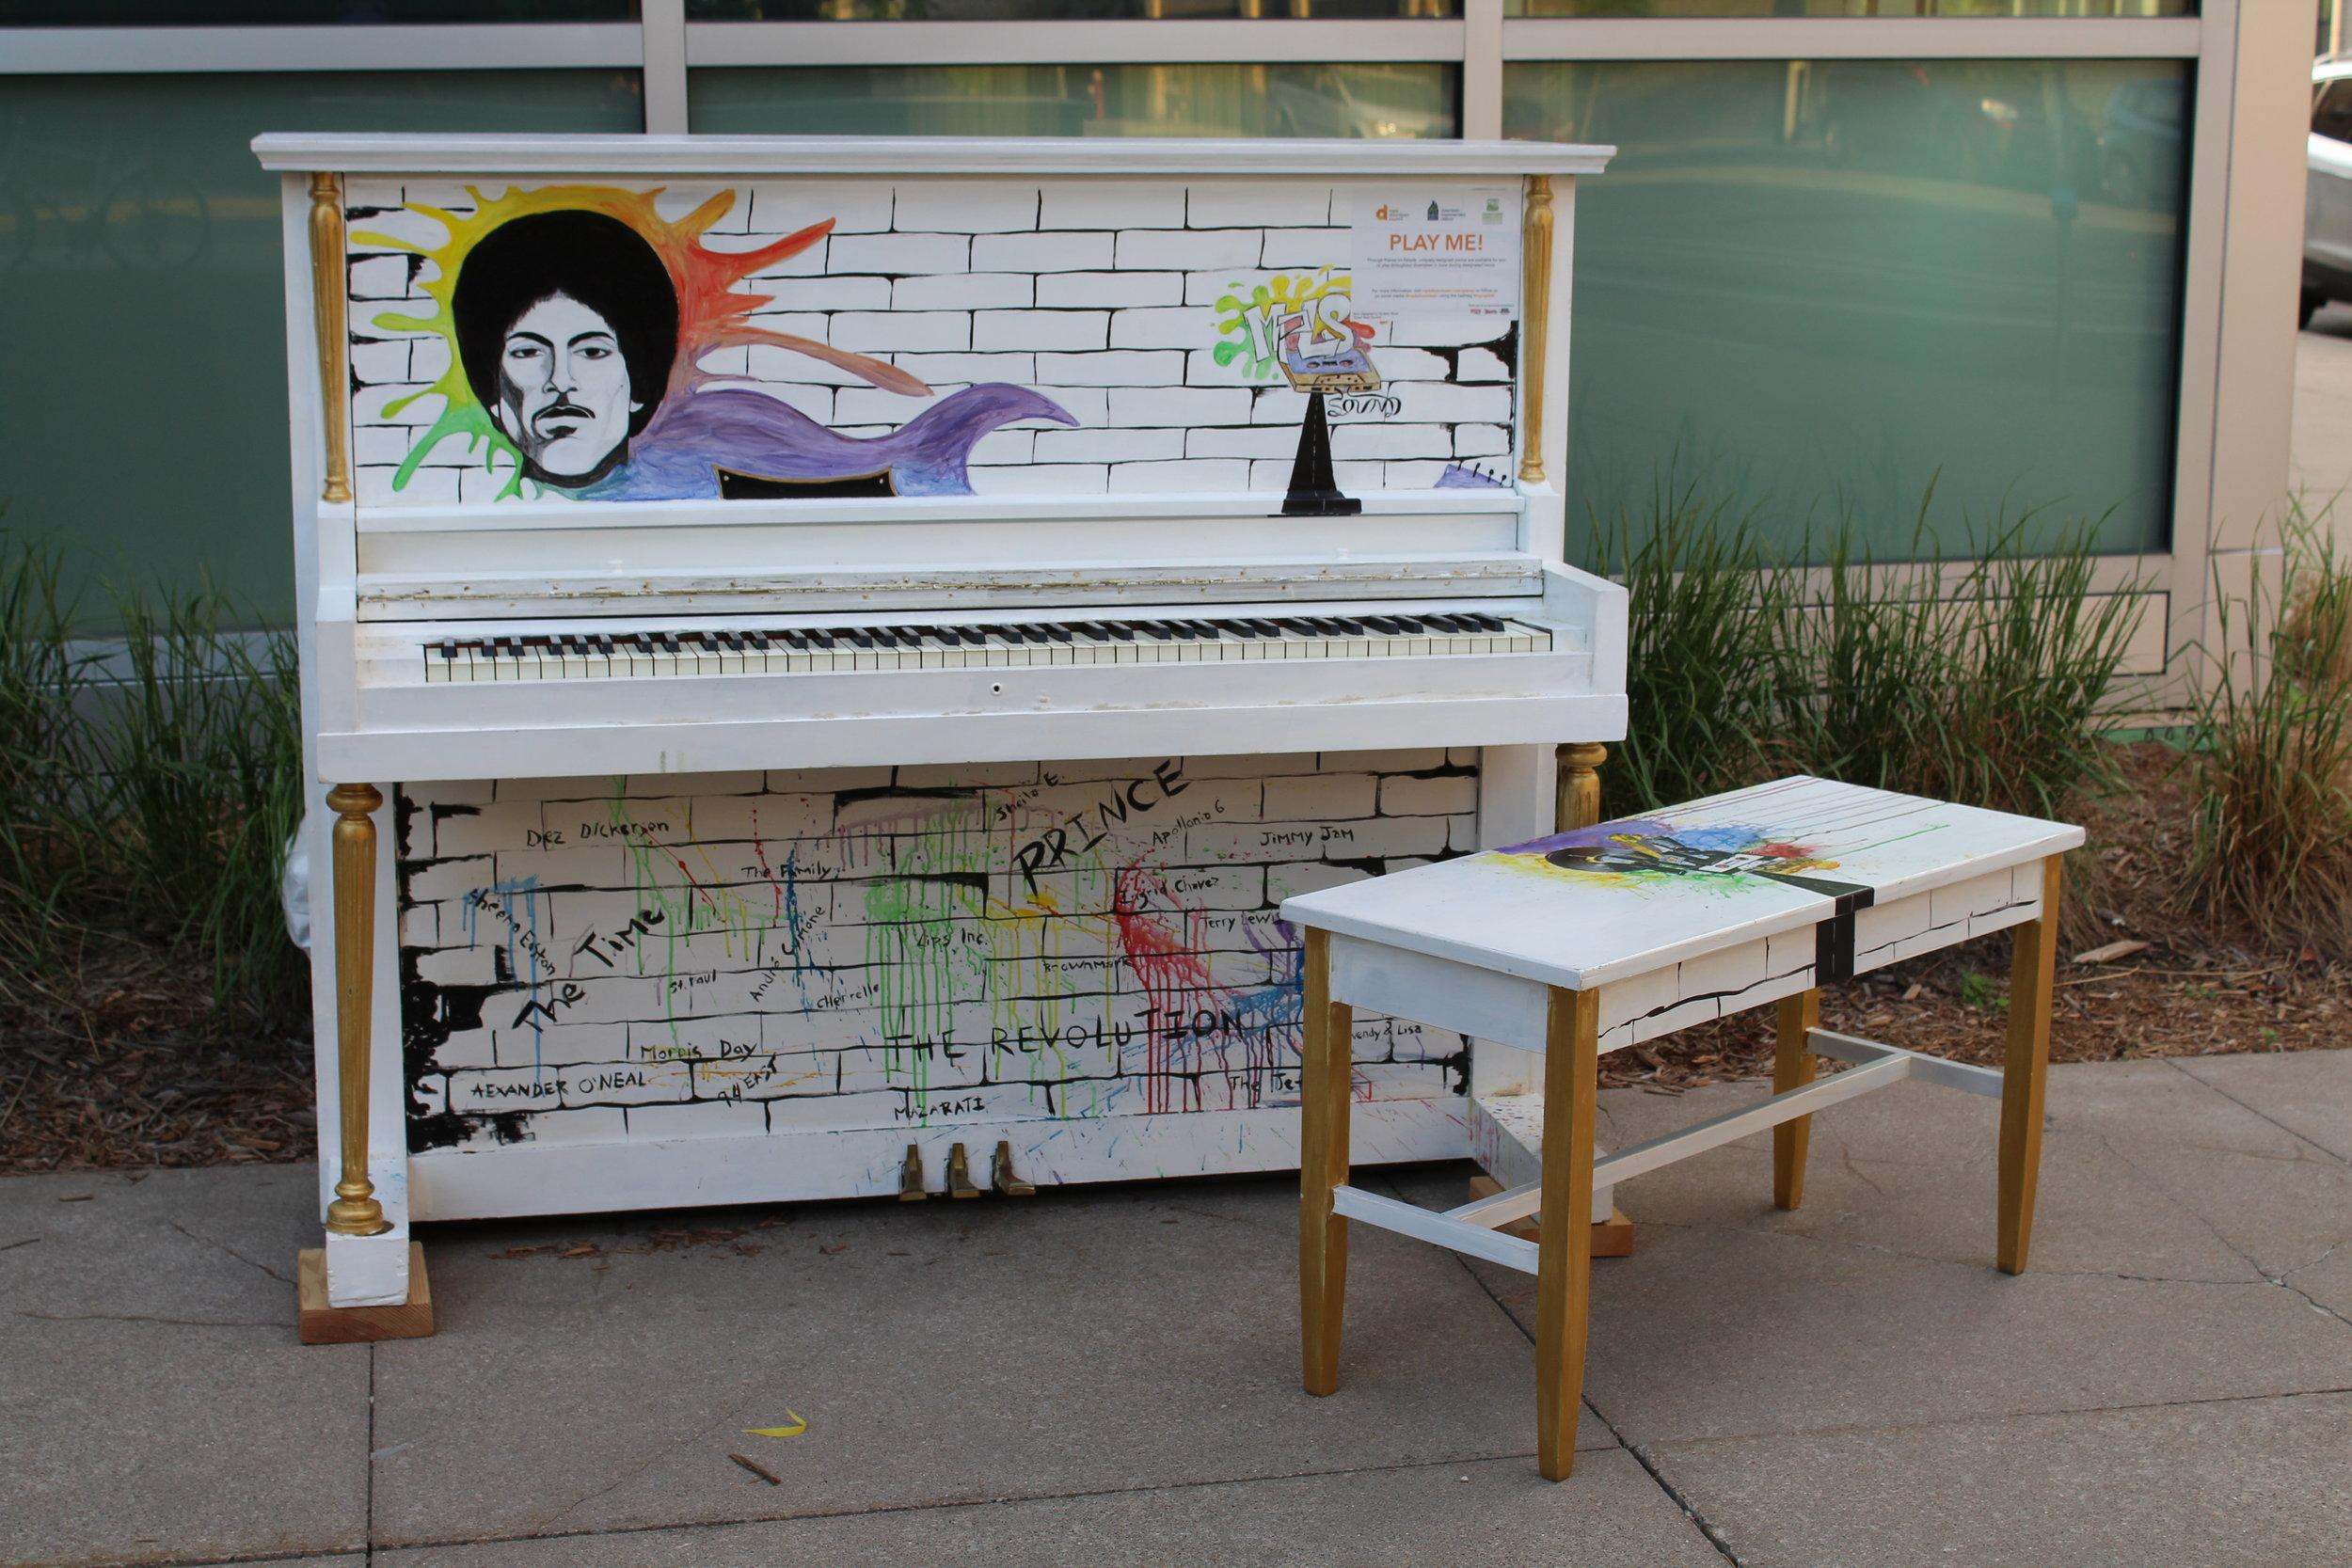 prince_piano2.JPG